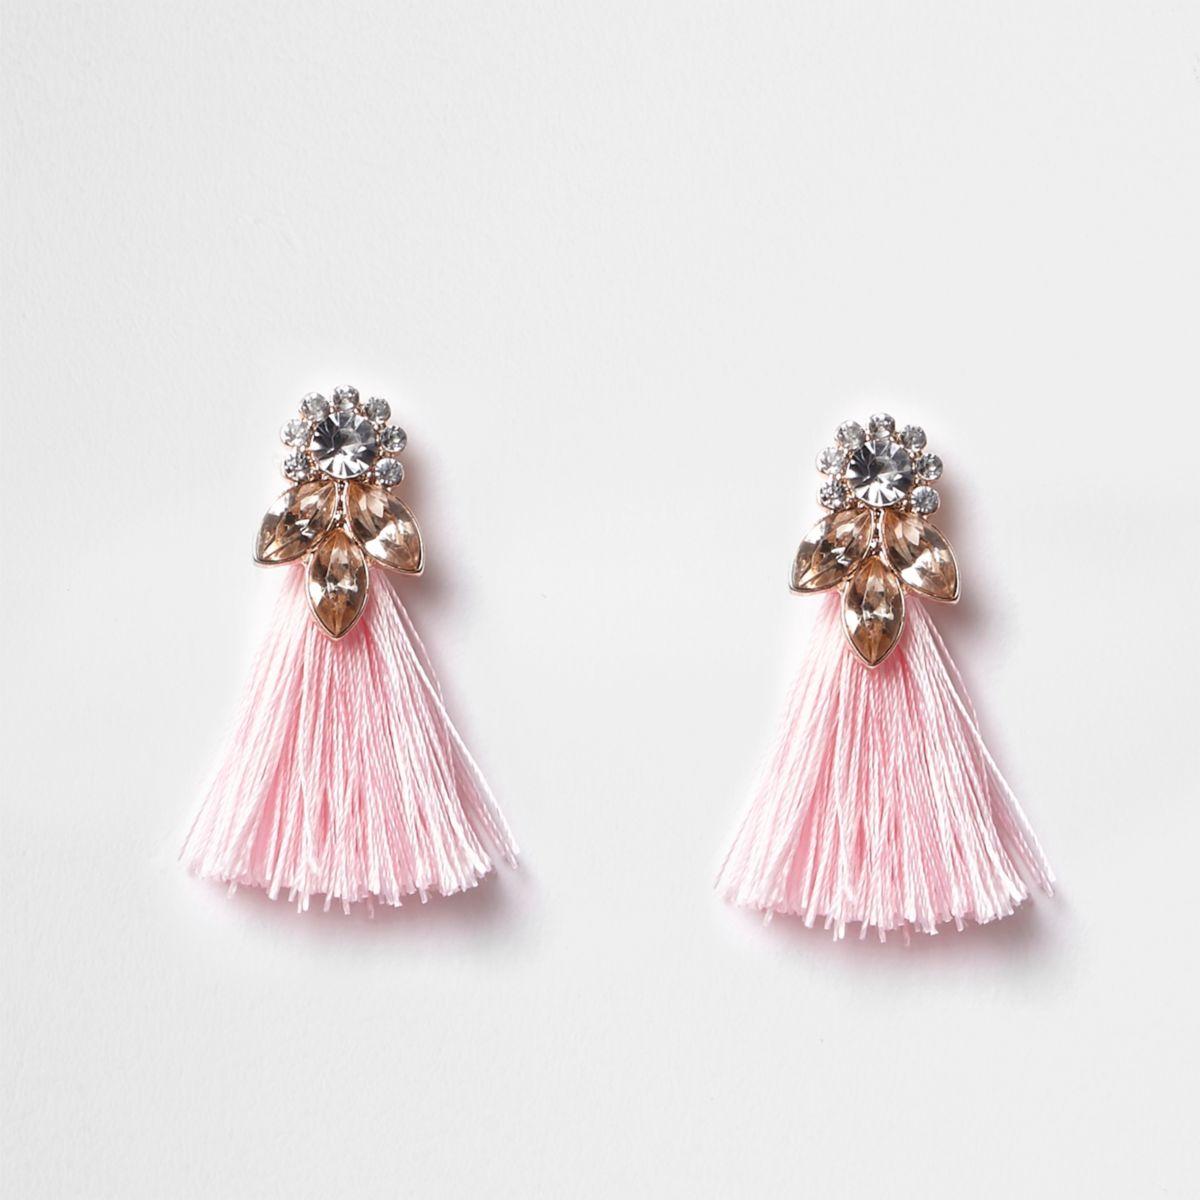 Pendants d'oreilles roses à pierres et pampilles pour fille